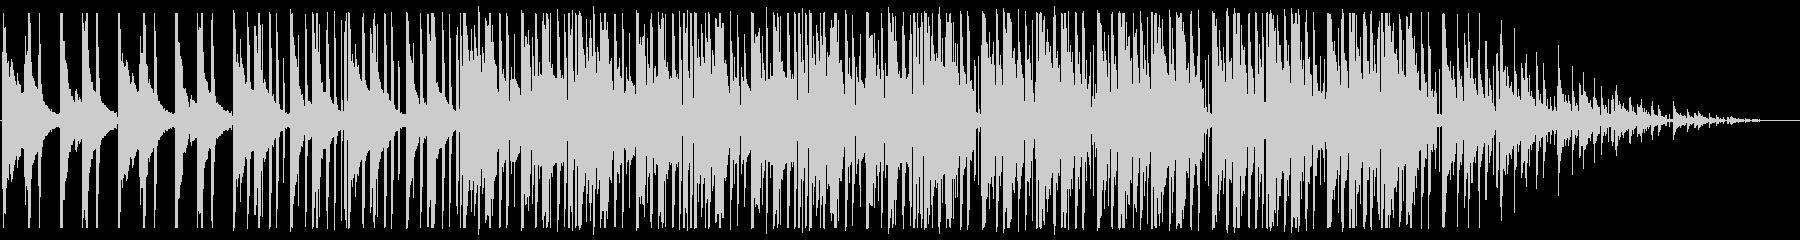 寂しい/ピアノ/R&B_No489_3の未再生の波形